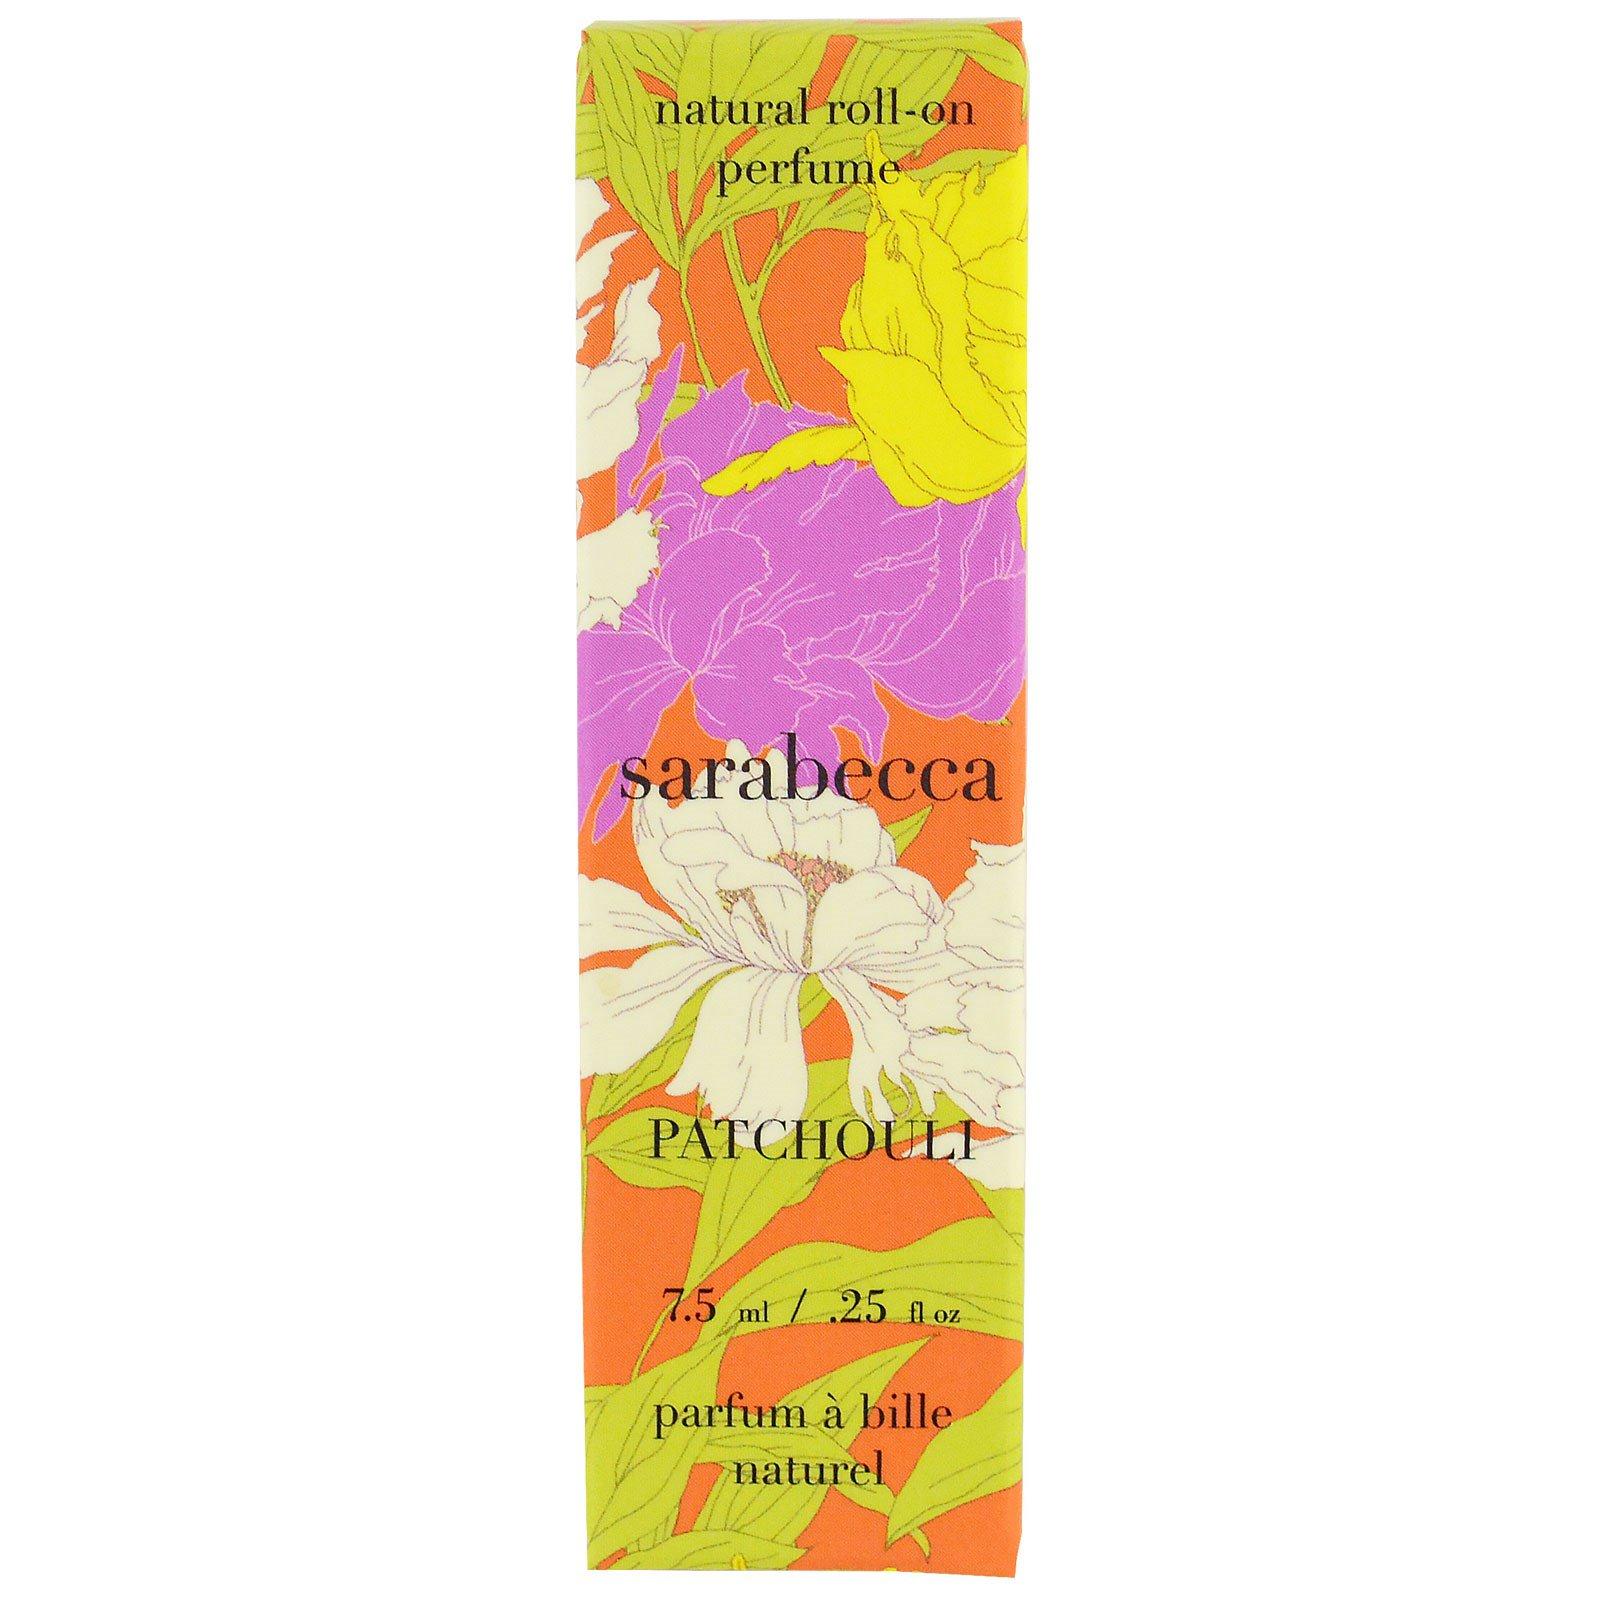 Sarabecca, Натуральные роликовые духи, пачули, ,25 унц.(7,5 мл)